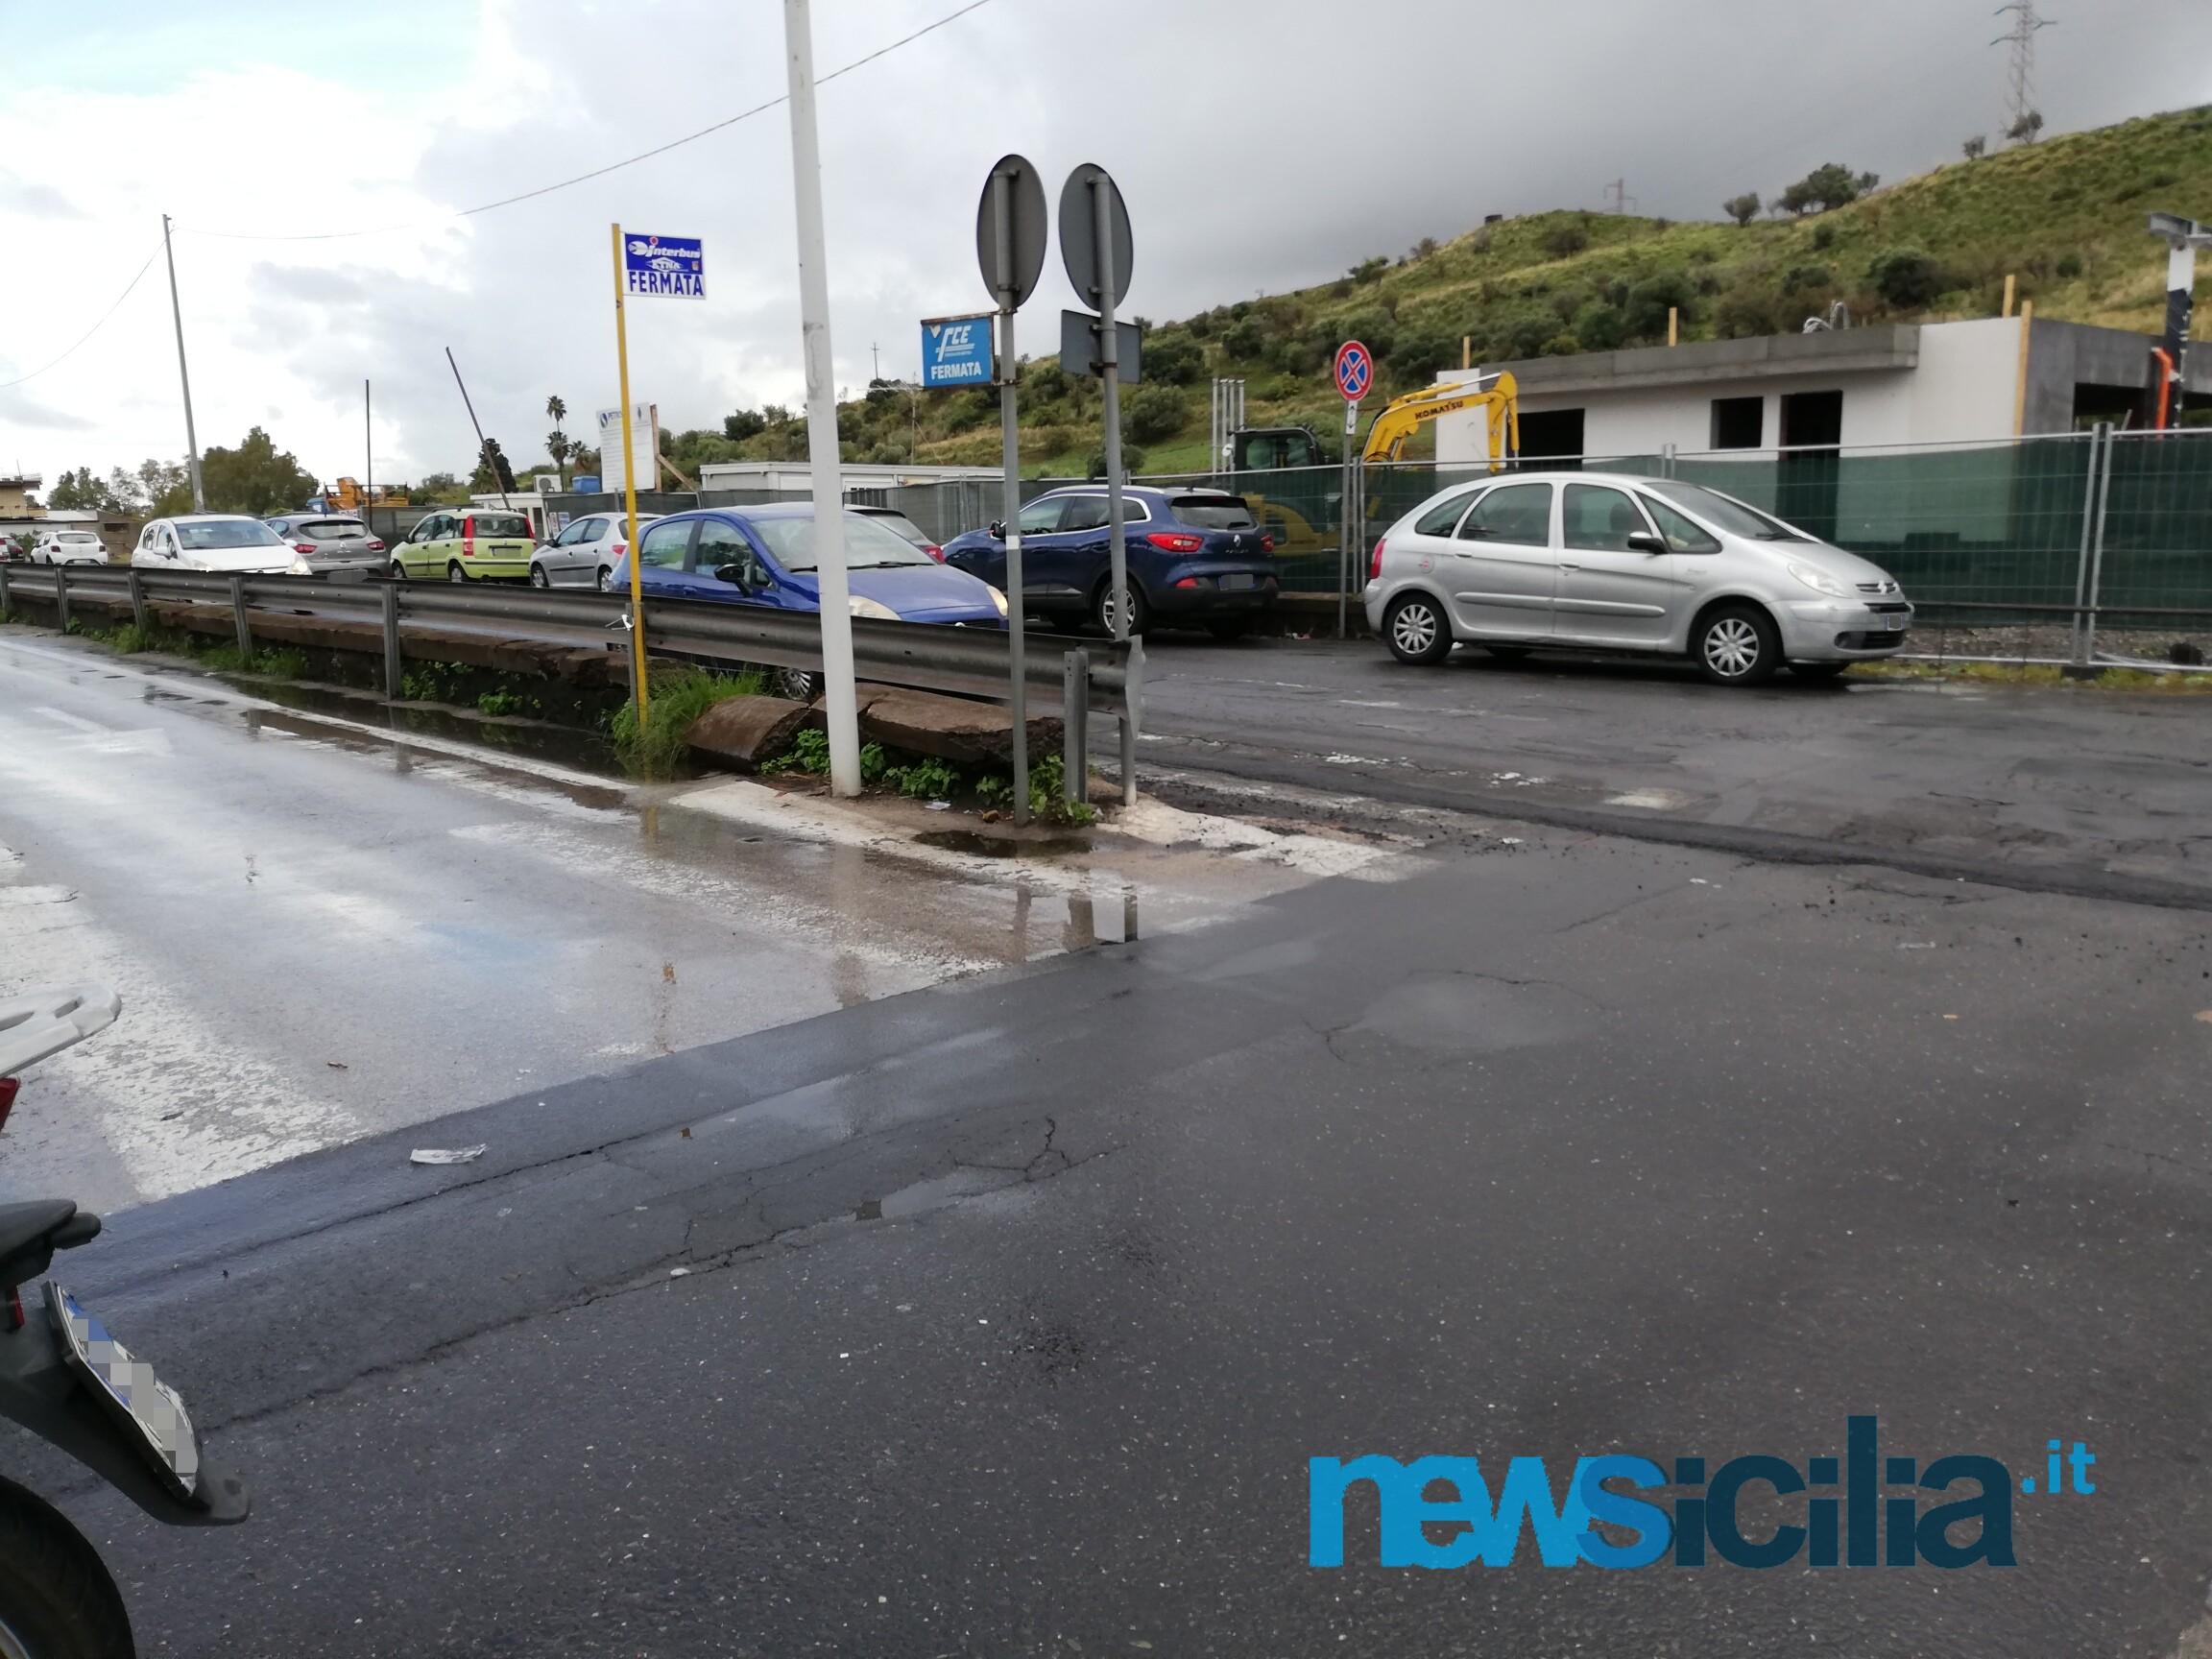 """Ospedale Garibaldi-Nesima, scomparse le strisce pedonali all'ingresso: """"I pedoni sono invisibili?"""" – FOTO"""